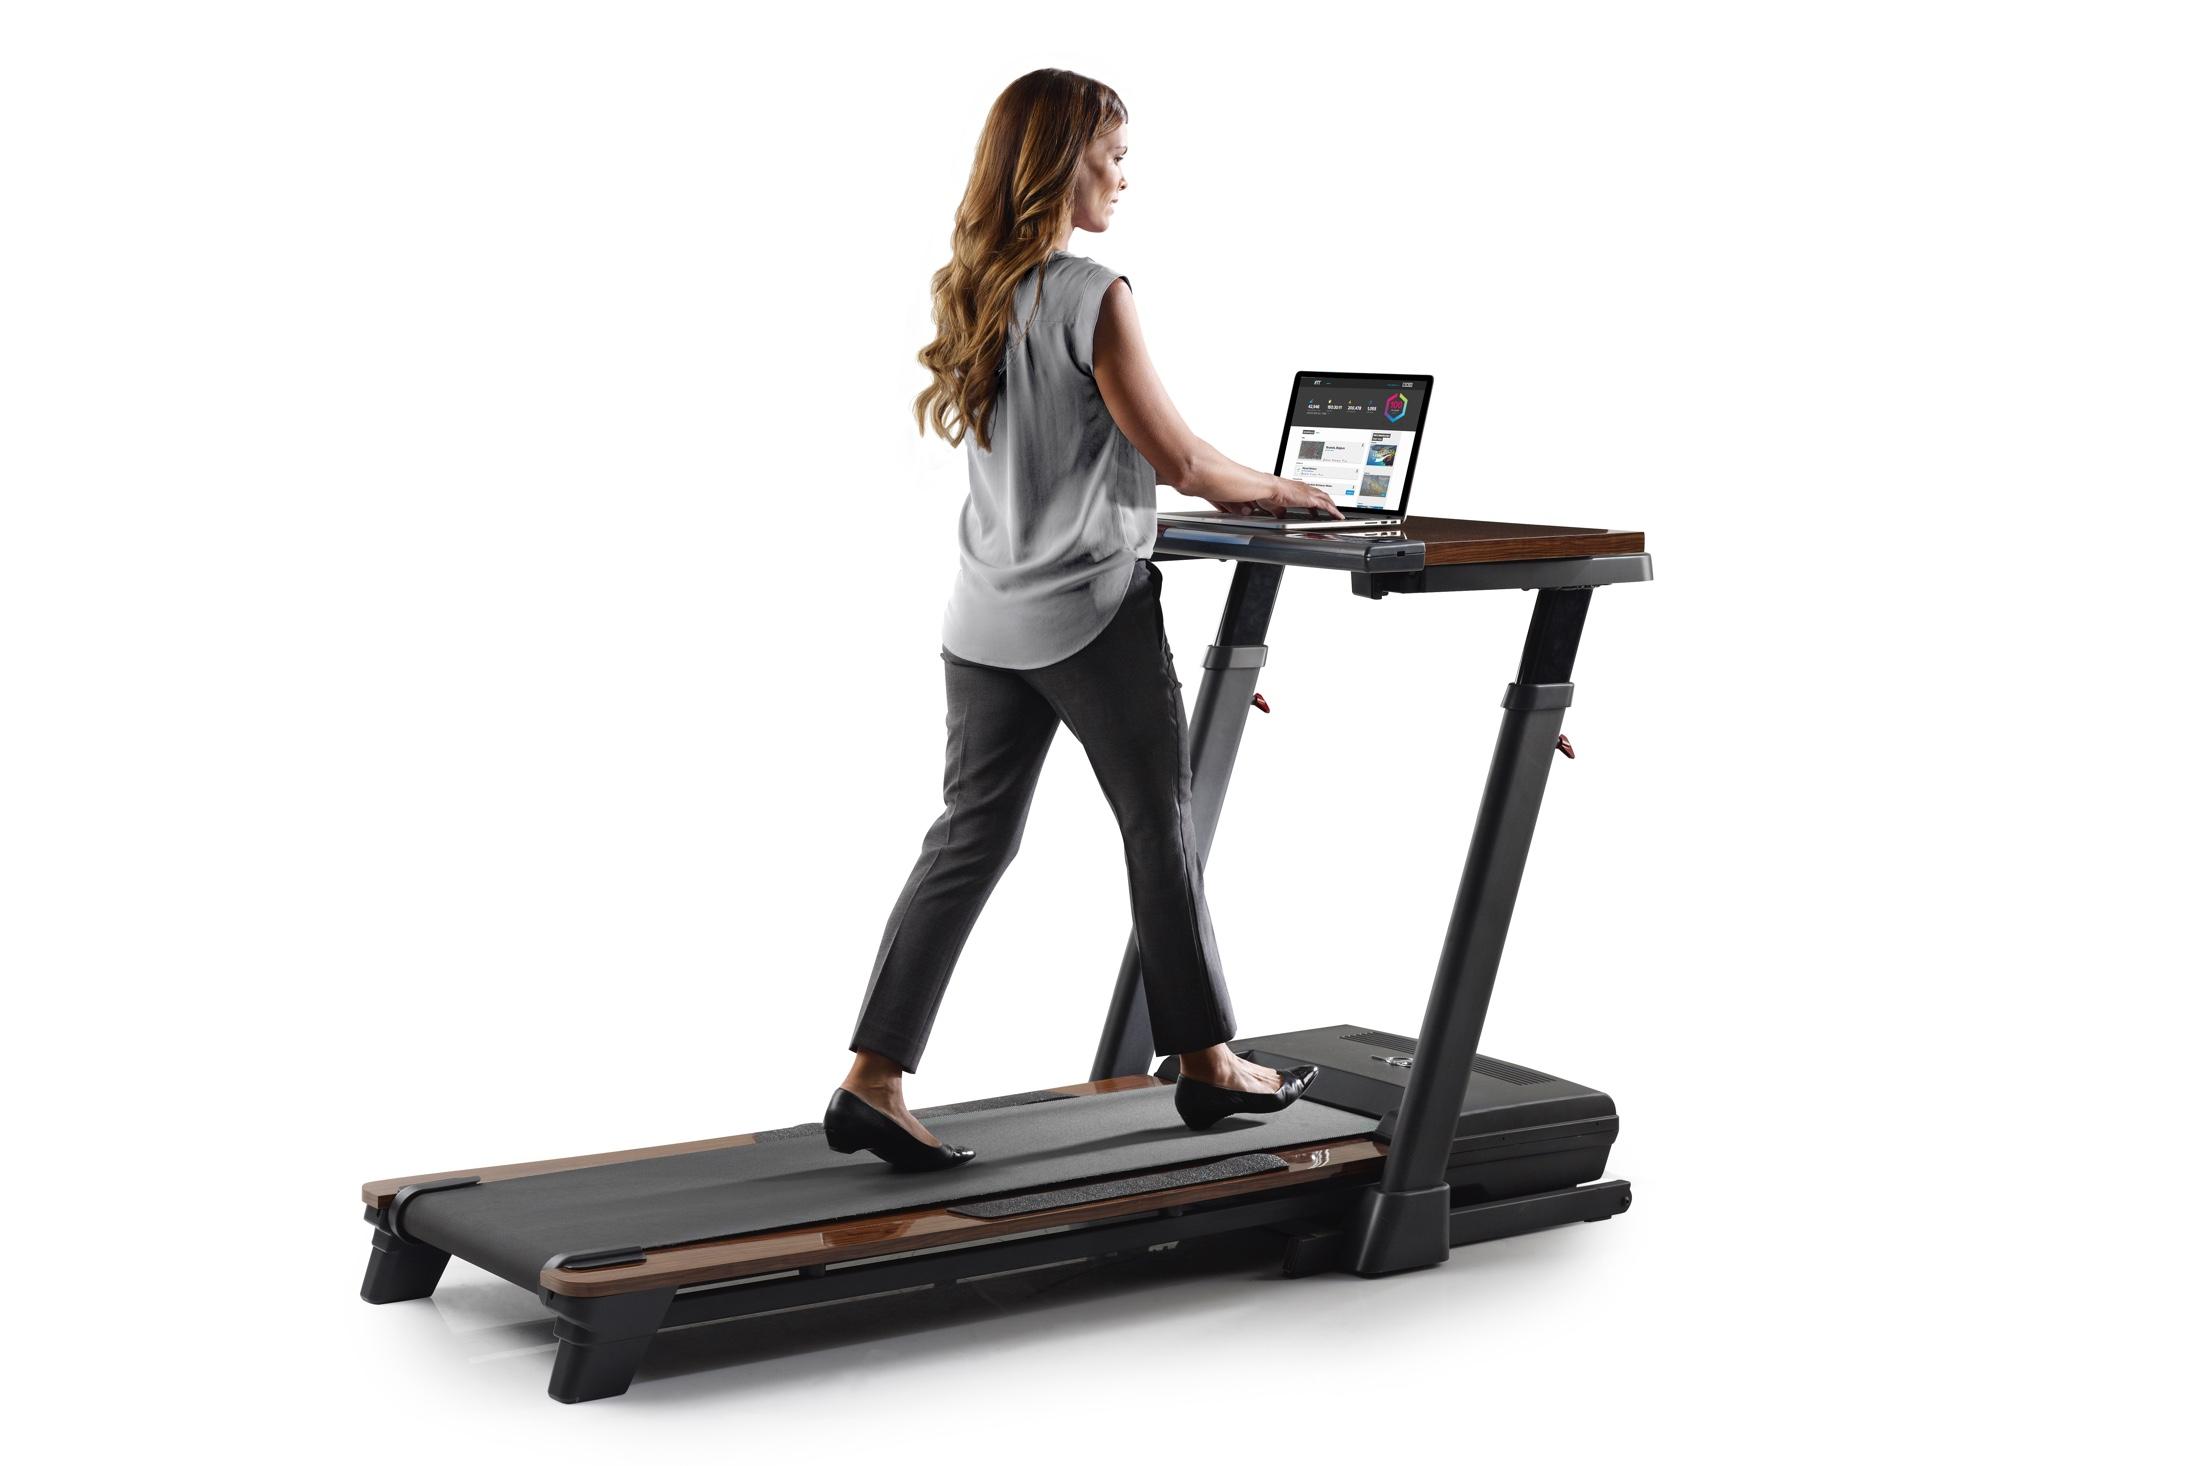 NordicTrack Treadmill Desk gallery image 3